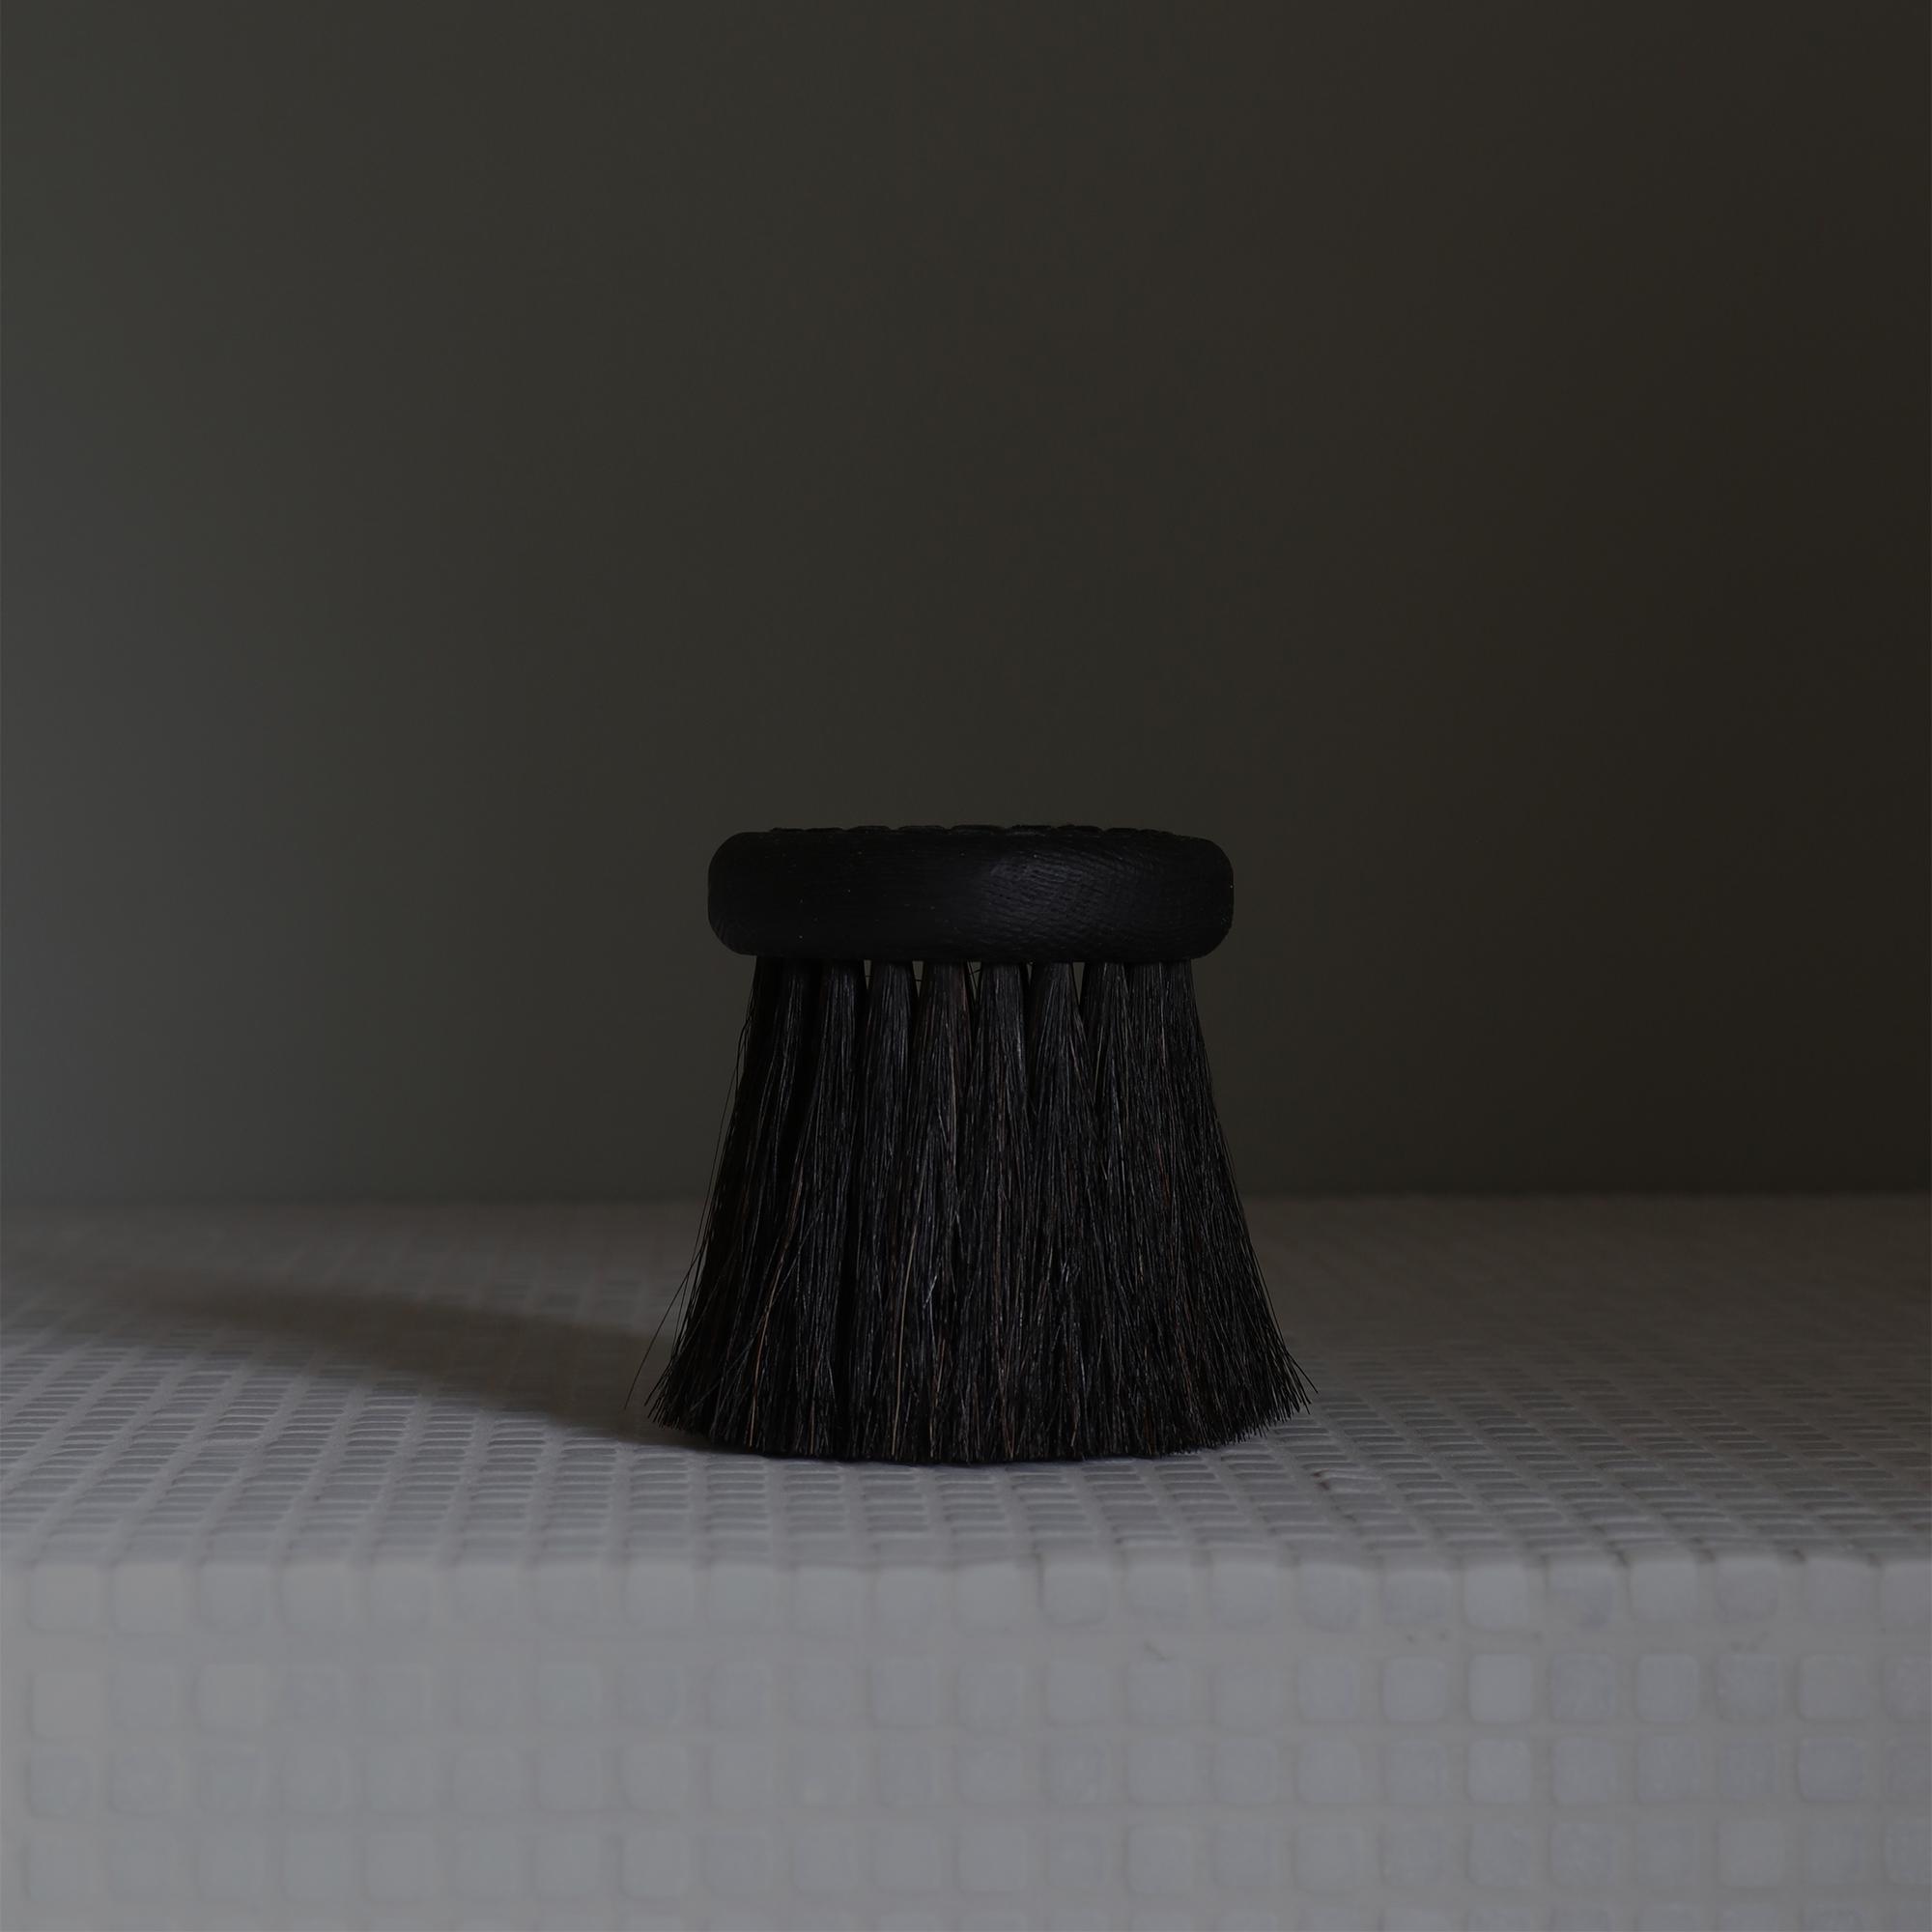 Poppy Lawman Ren Hand Lather Brush